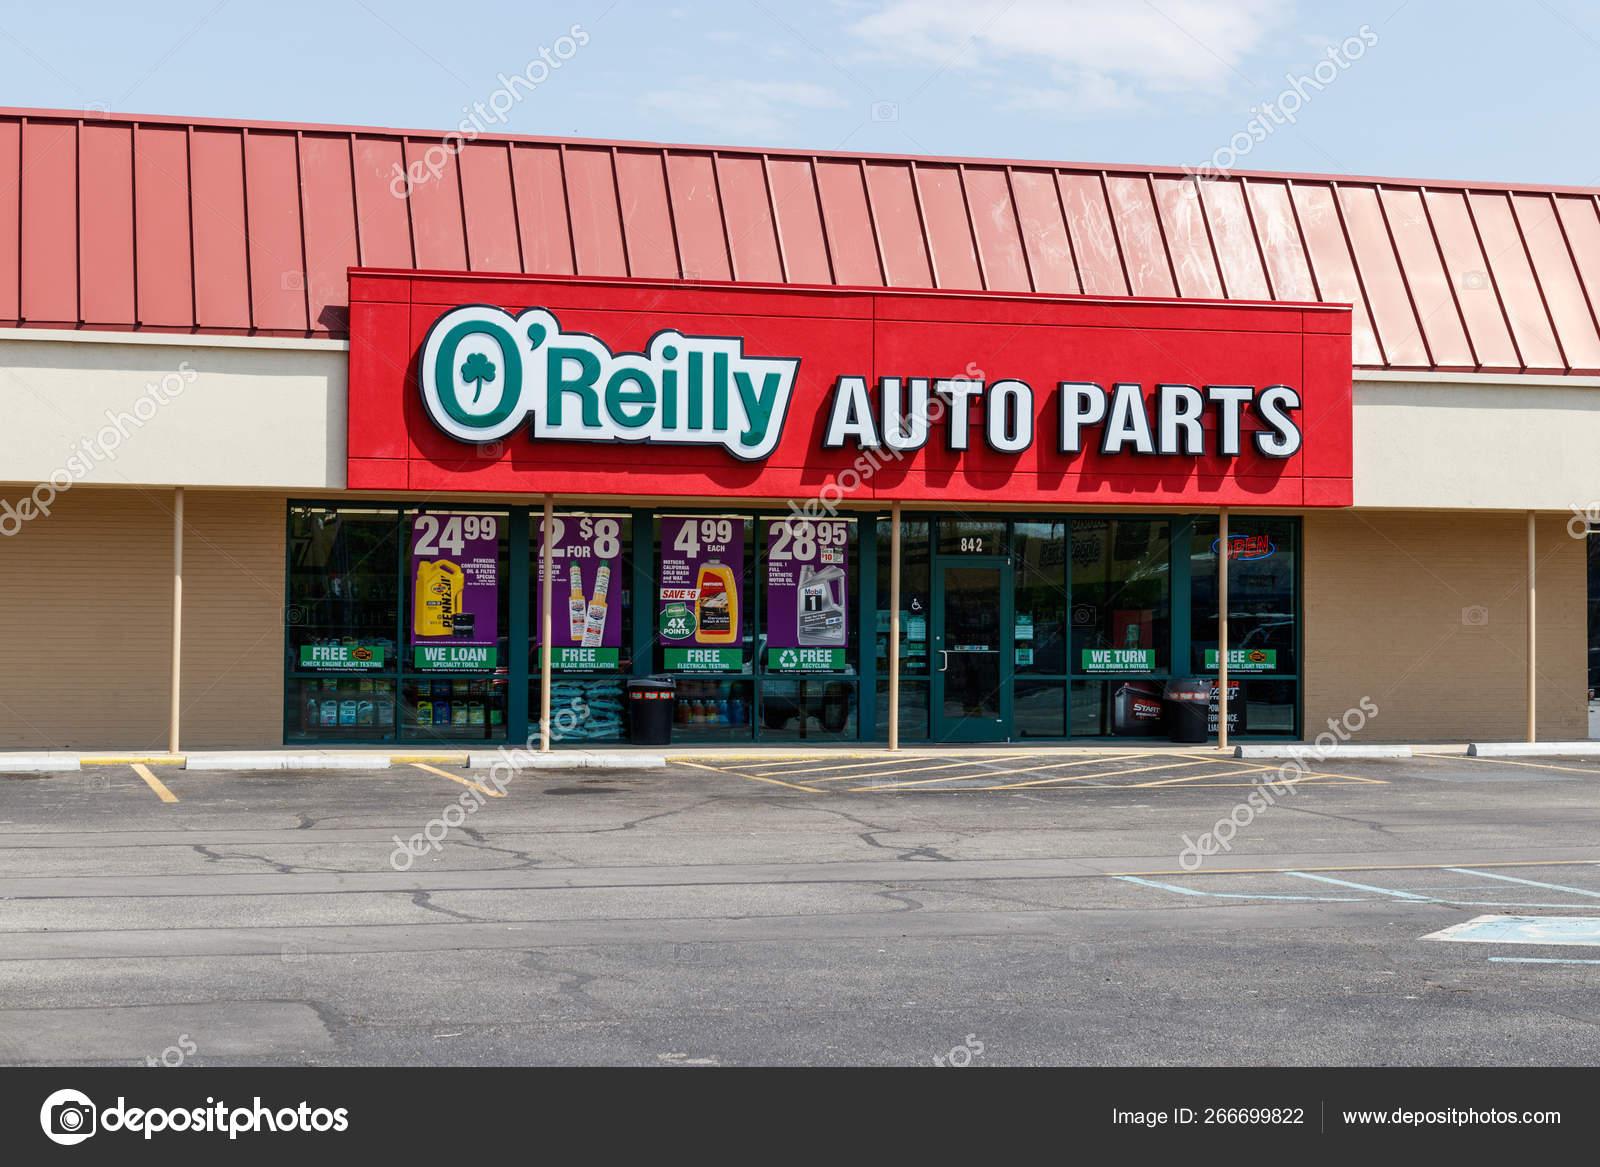 Orally Auto Part Near Me >> Tipton Circa May 2019 O Reilly Auto Parts Store O Reilly